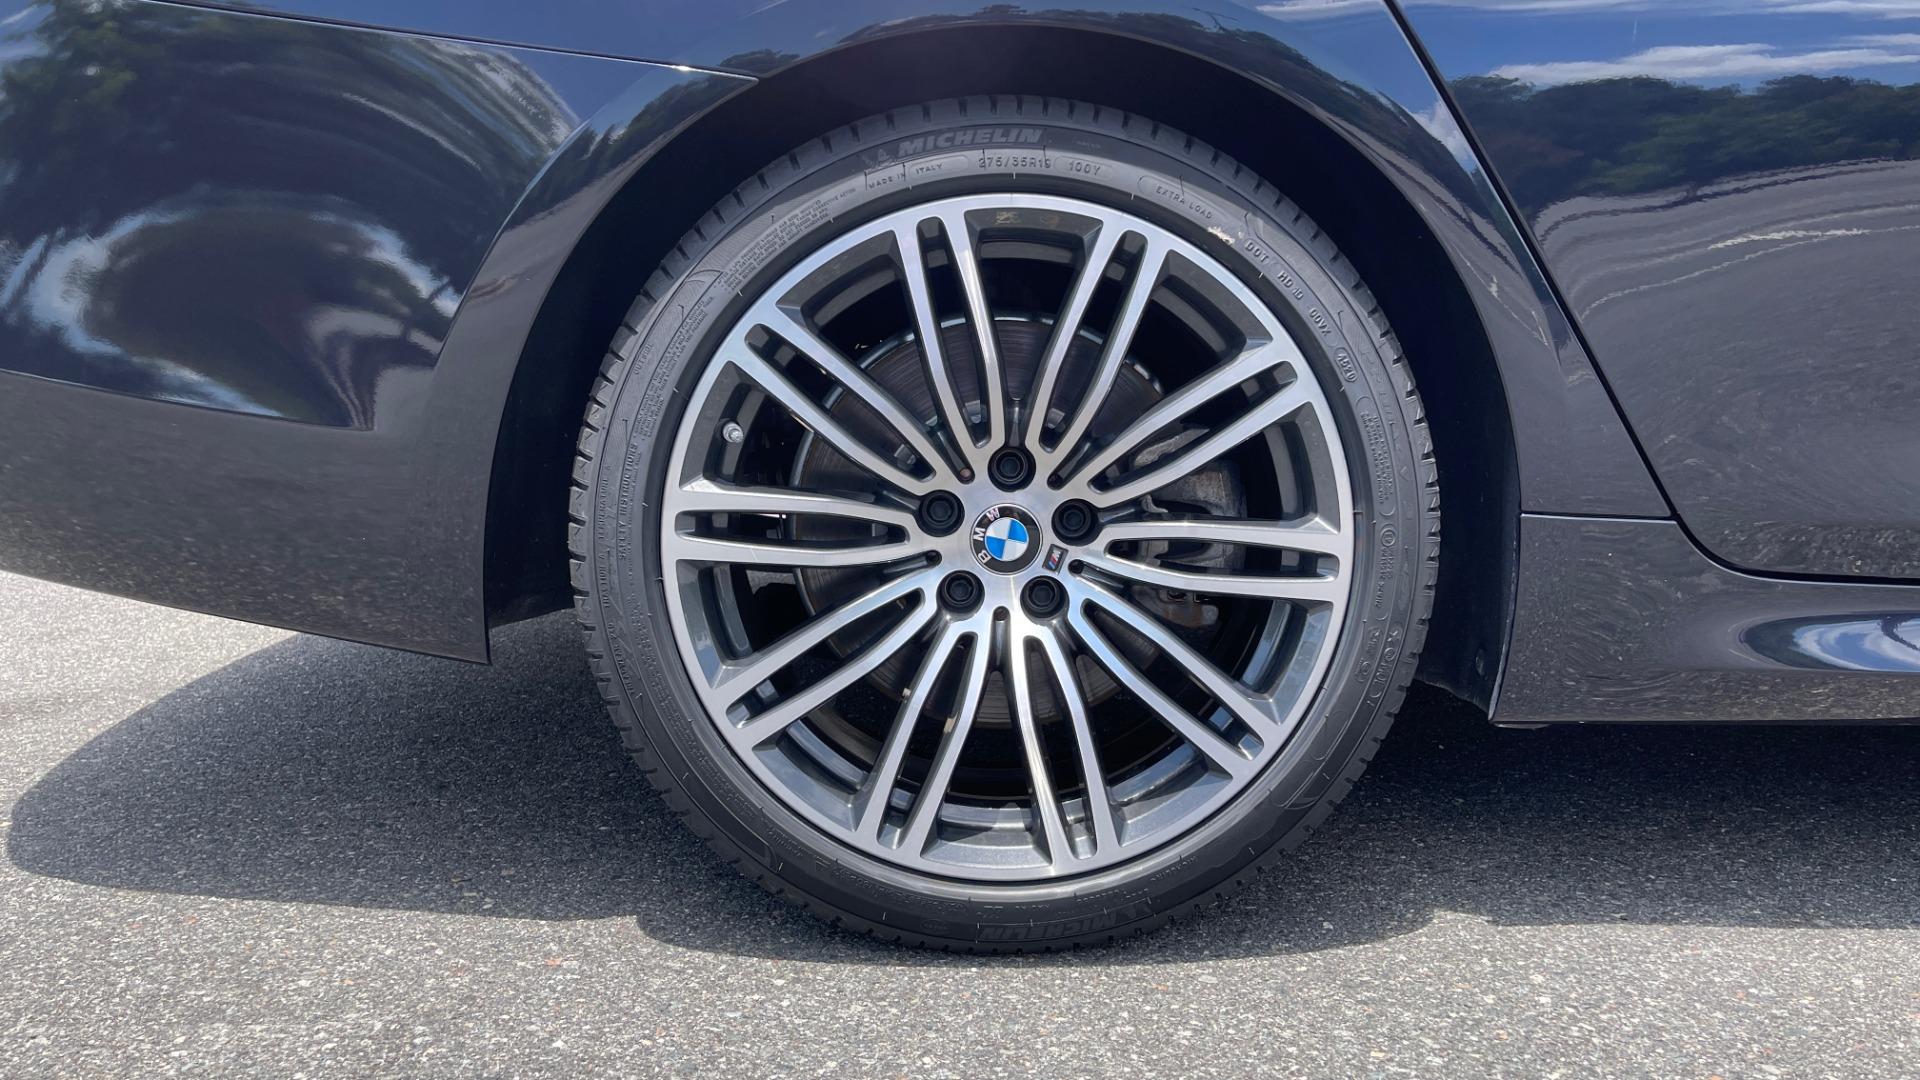 Used 2018 BMW 5 SERIES 540I M-SPORT / EXECUTIVE PKG / DRVR ASST PKG / BLIND SPOT / LANE DEPART for sale $40,995 at Formula Imports in Charlotte NC 28227 76